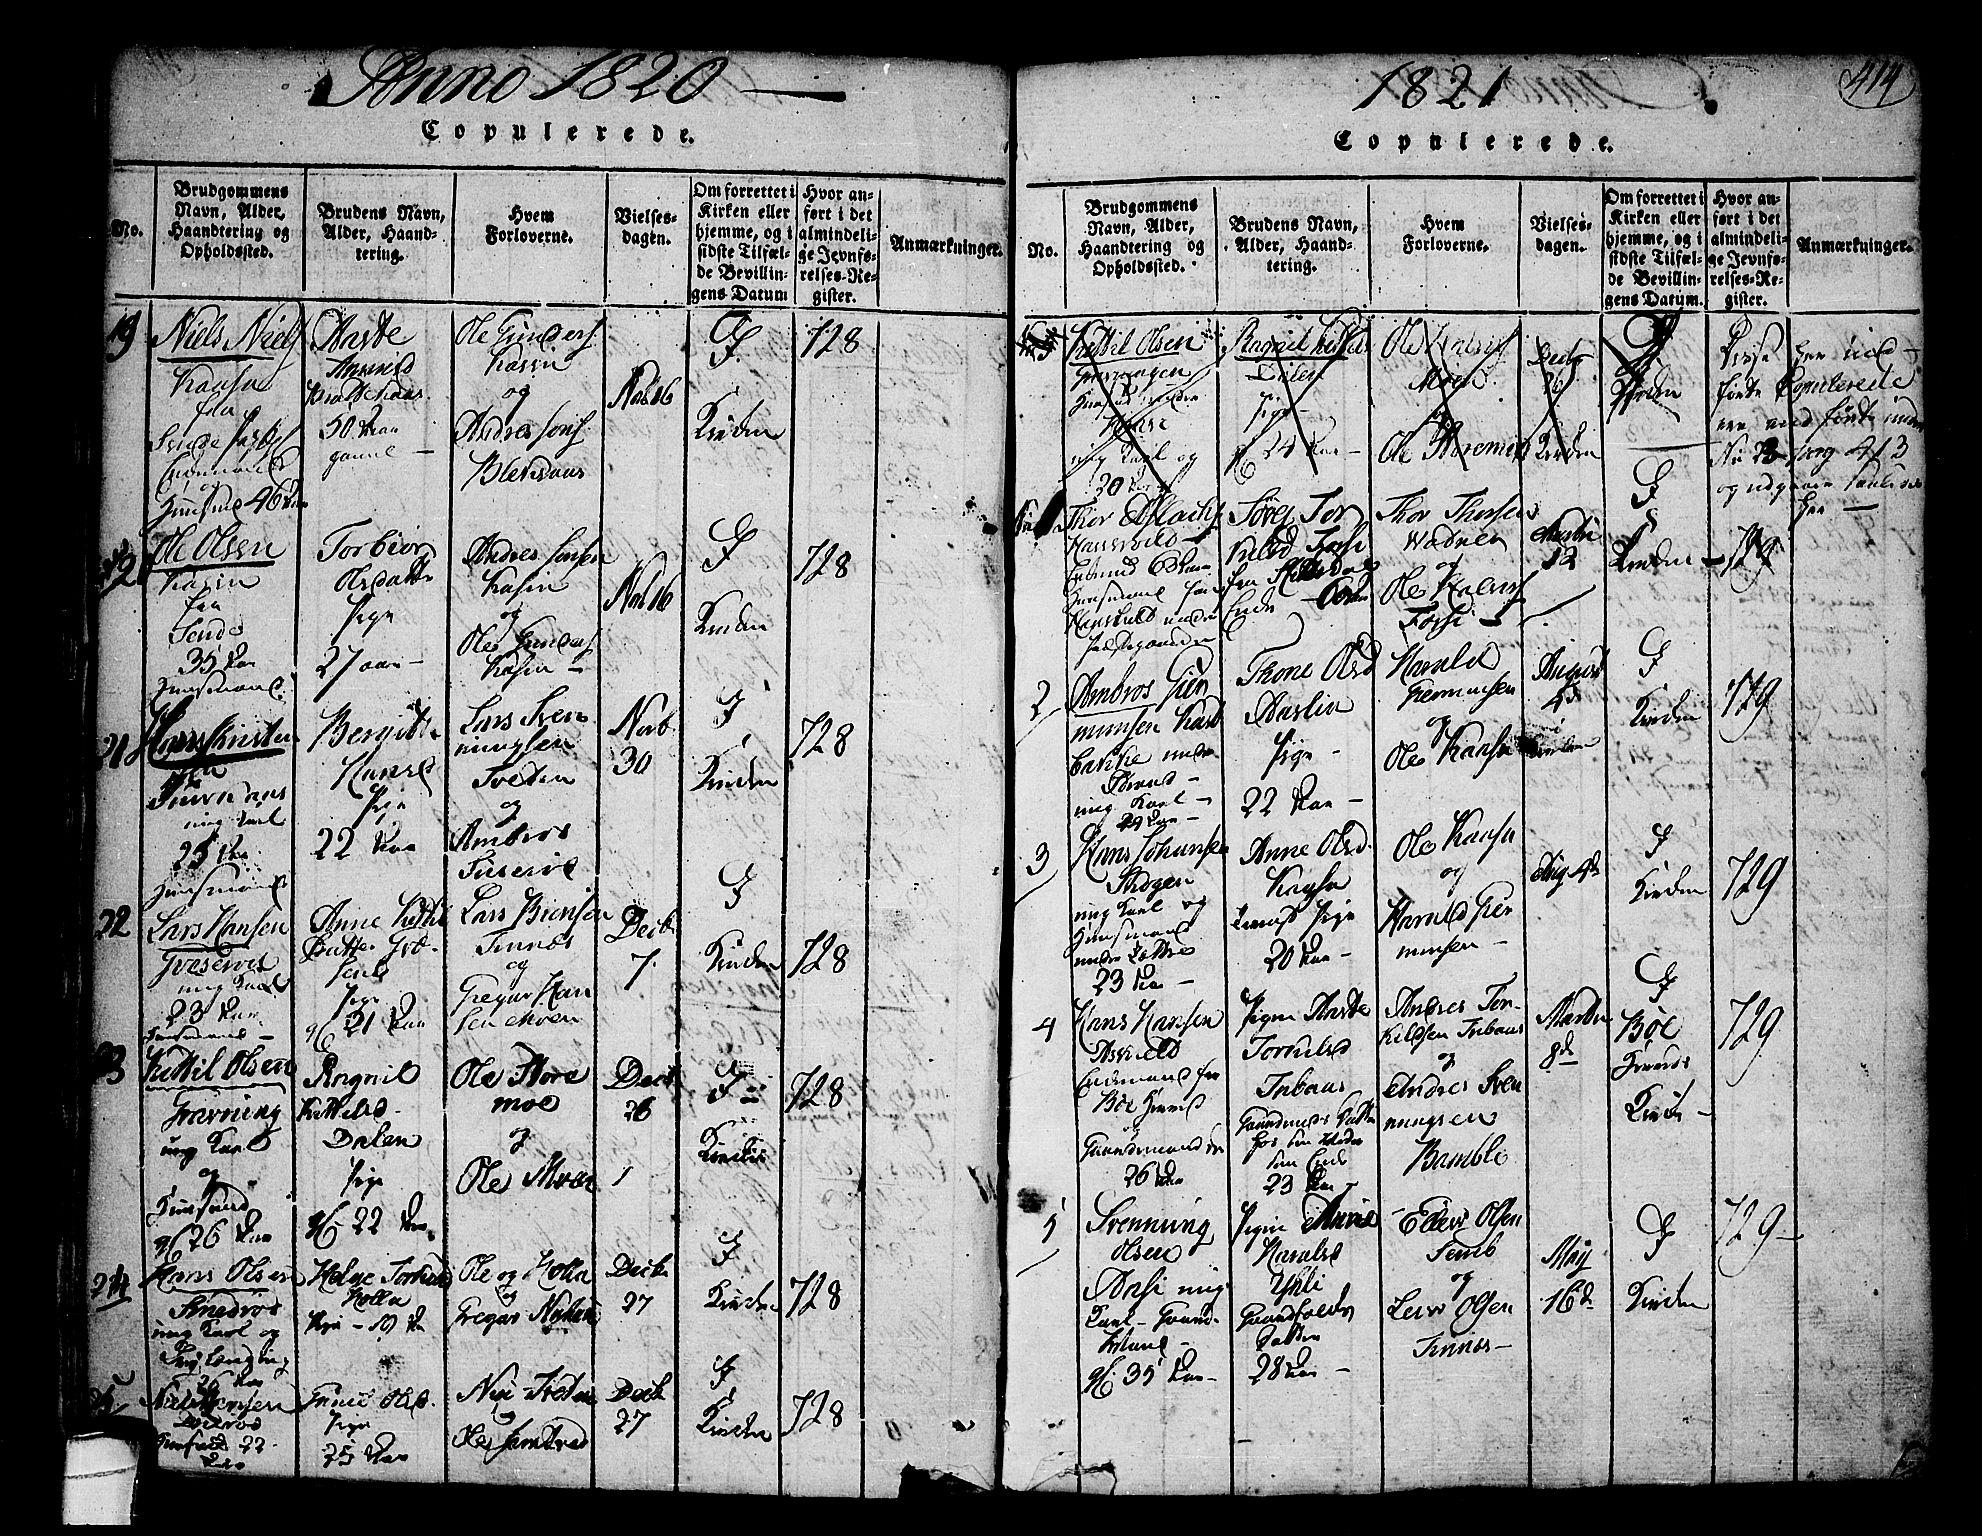 SAKO, Heddal kirkebøker, F/Fa/L0005: Ministerialbok nr. I 5, 1814-1837, s. 413-414